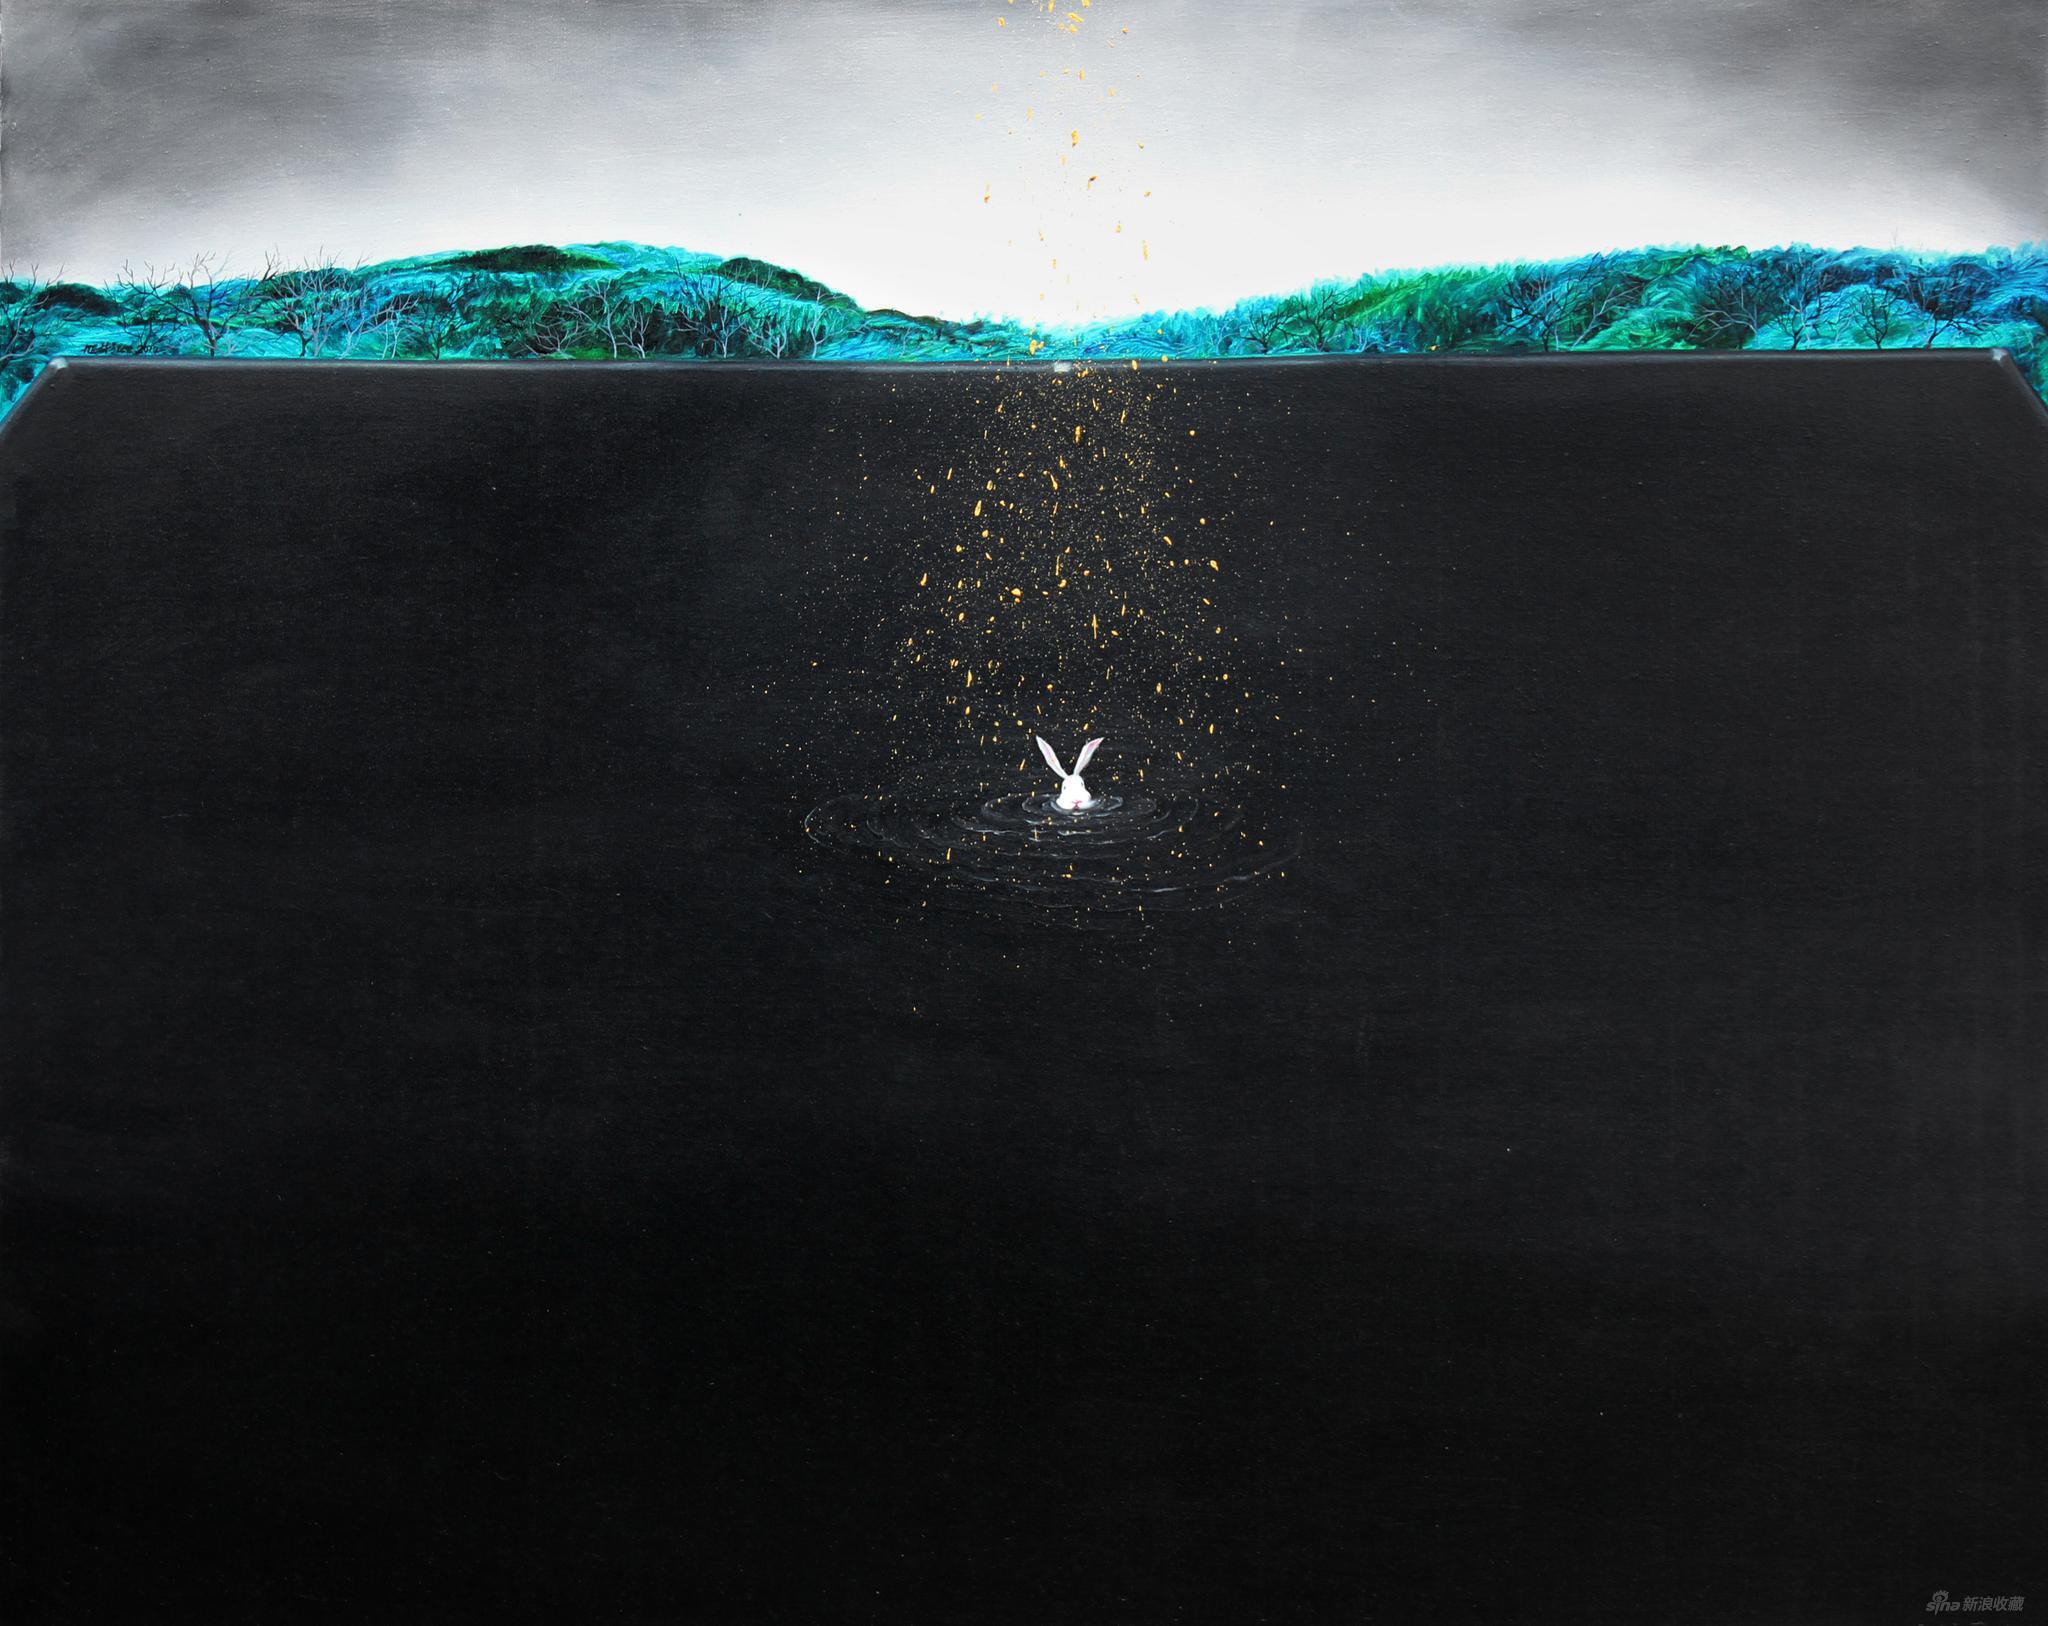 窺探的兔子 丨 李旭彬藝術個展在京舉行